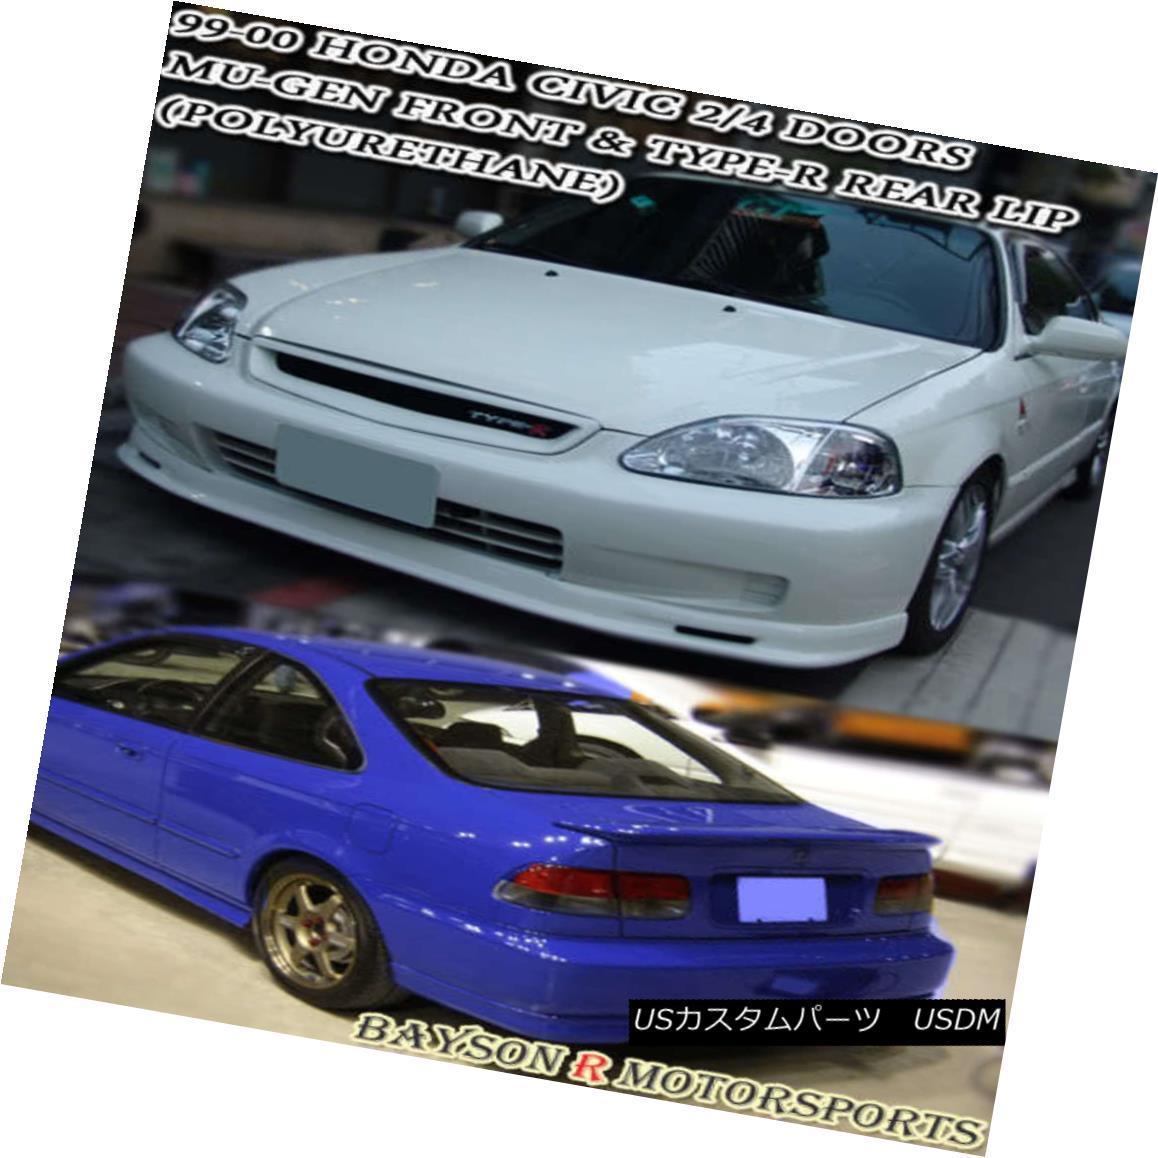 エアロパーツ Mu-gen Style Front + Si Optional Style Rear Lip (Urethane) Fits 99-00 Civic 2dr Mu-genスタイルFront + SiオプションStyleリアリップ(ウレタン)99-00 Civic 2dr